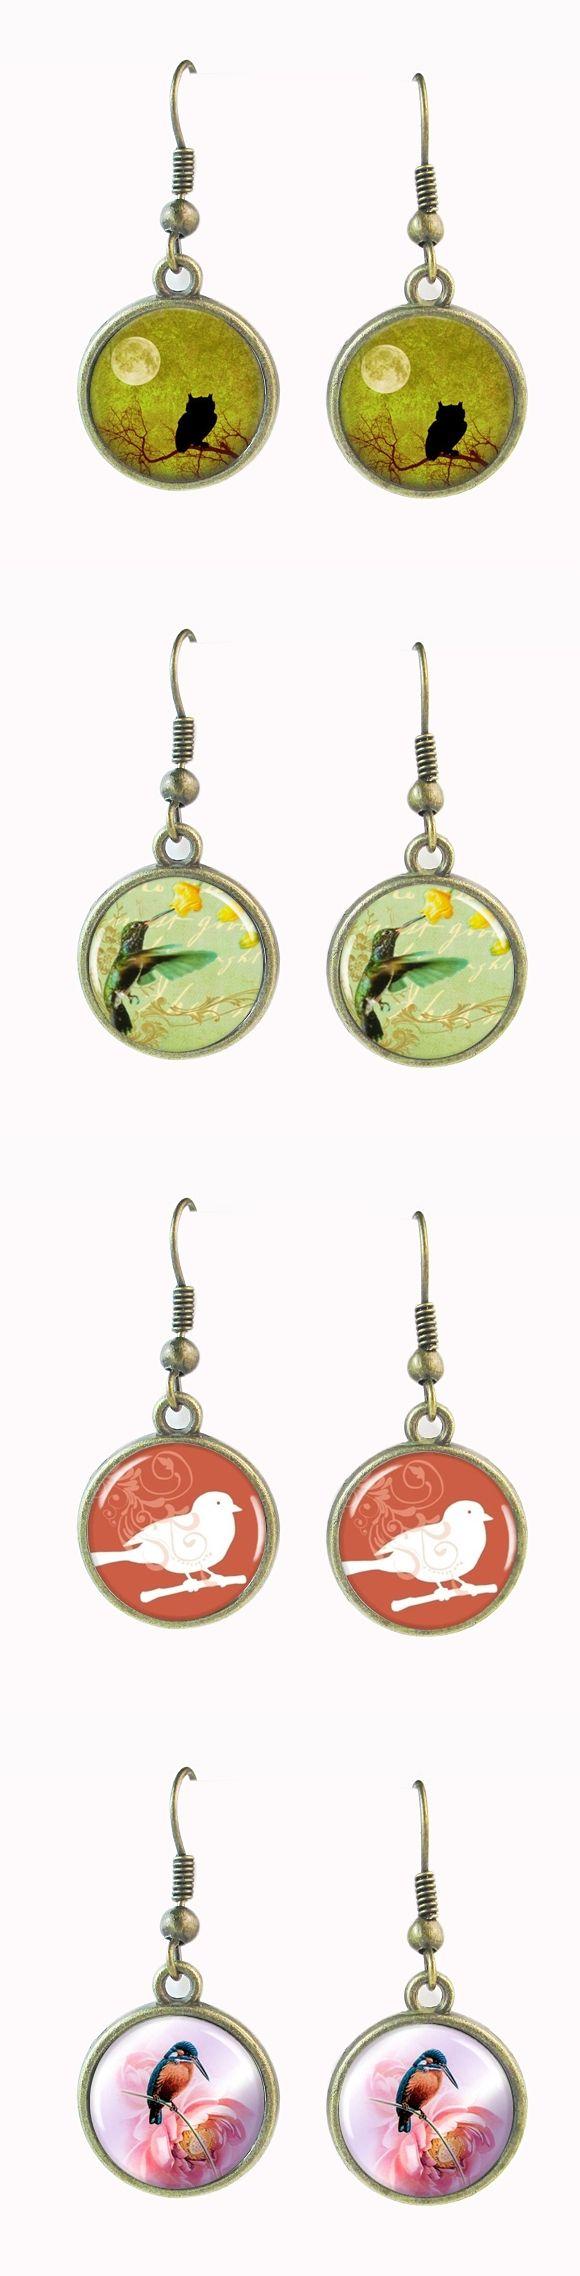 bird fish hook earrings Under a Full Moon owl shadow earrings bird art earring animal fishhook bronze ear pendants jewelry